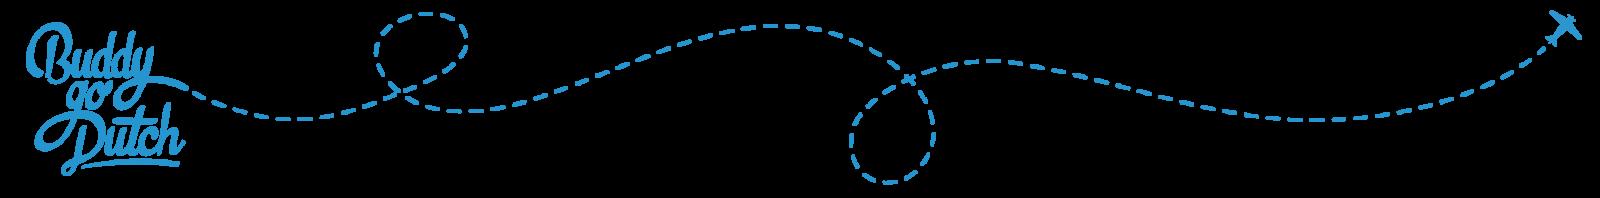 BuddyGoDutch logo